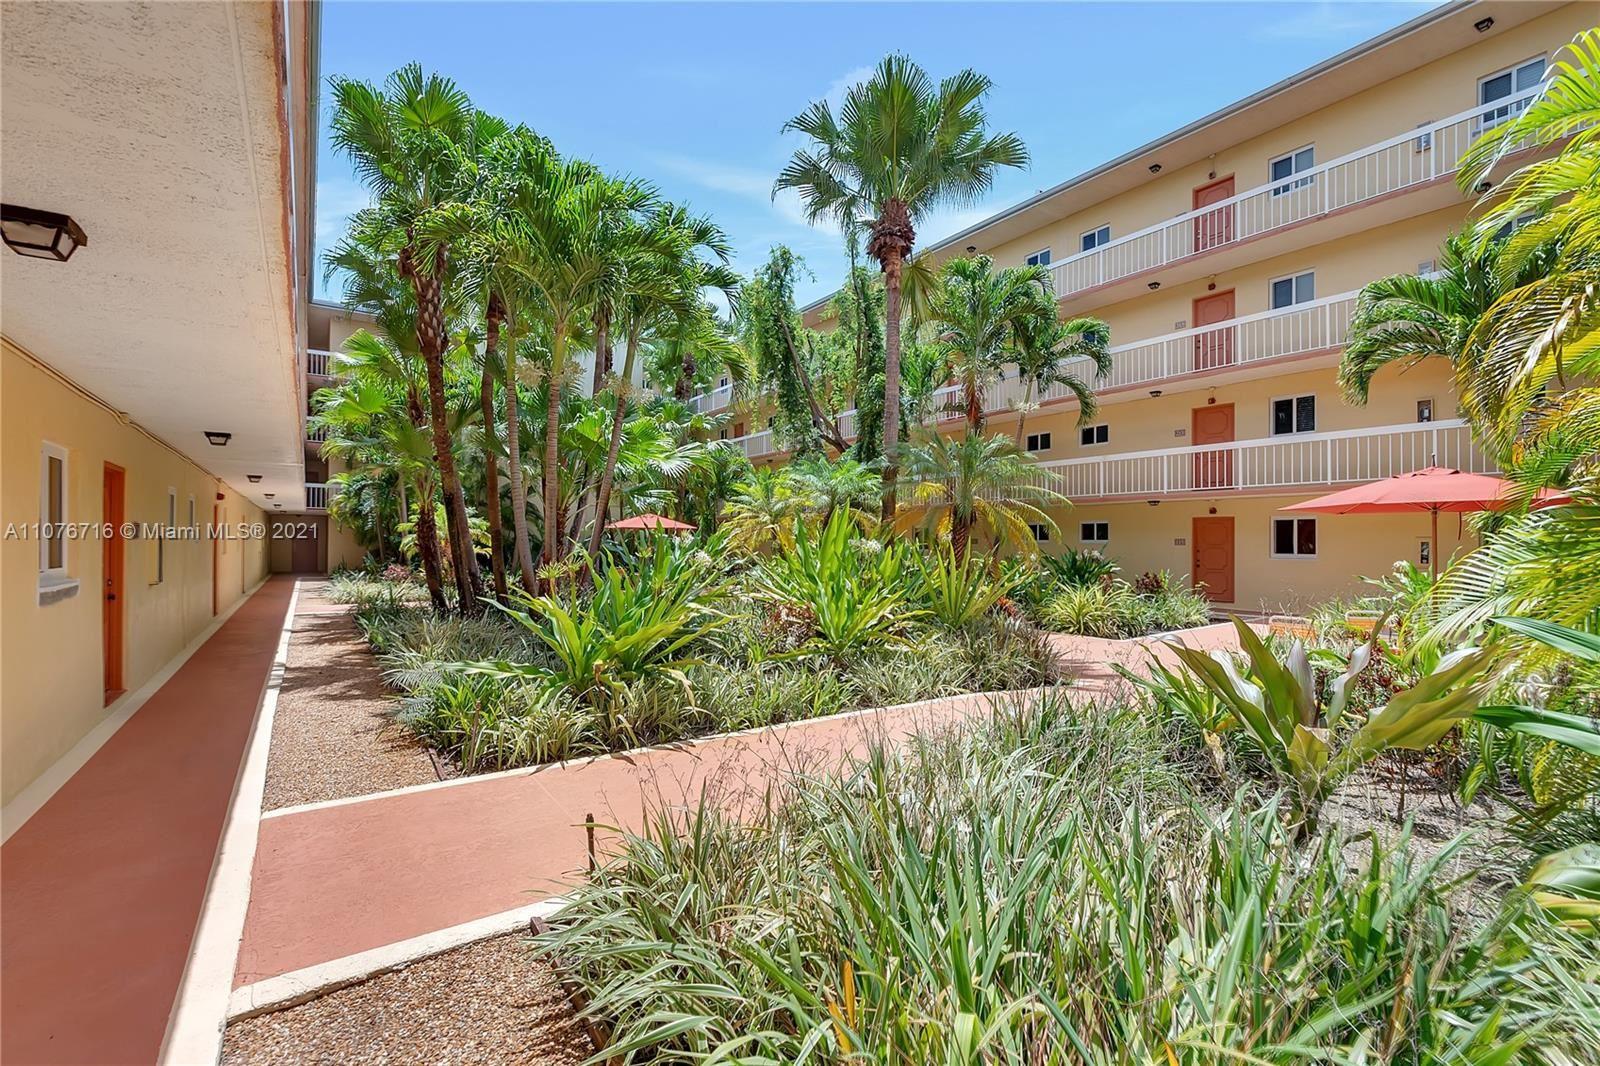 7850 Camino Real #320, Miami, FL 33143 - #: A11076716